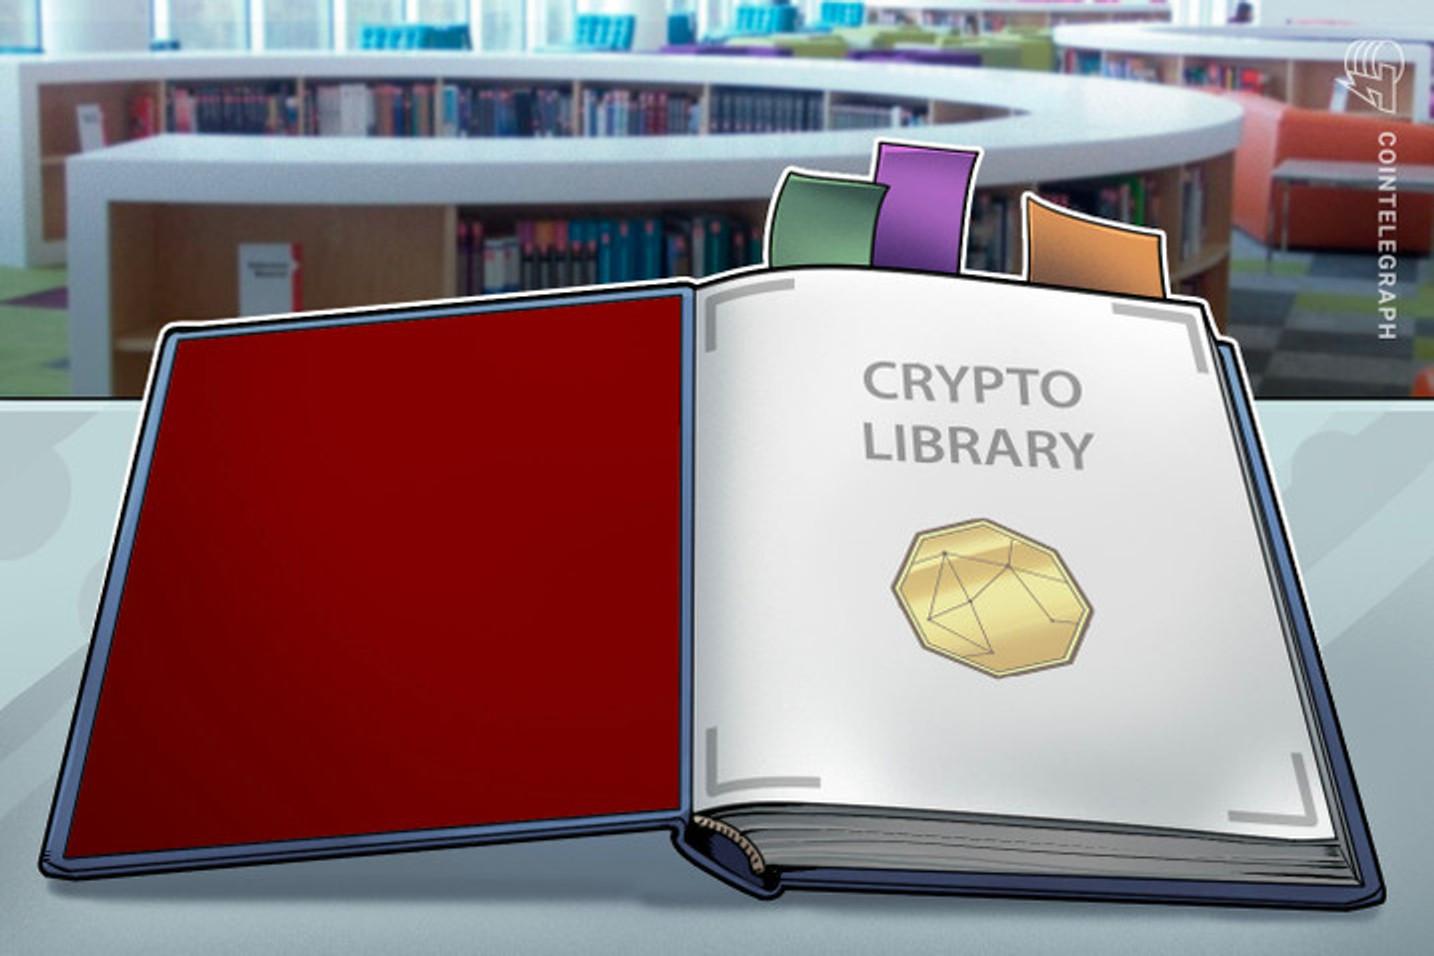 Lanzan en Argentina un nuevo libro sobre criptomonedas